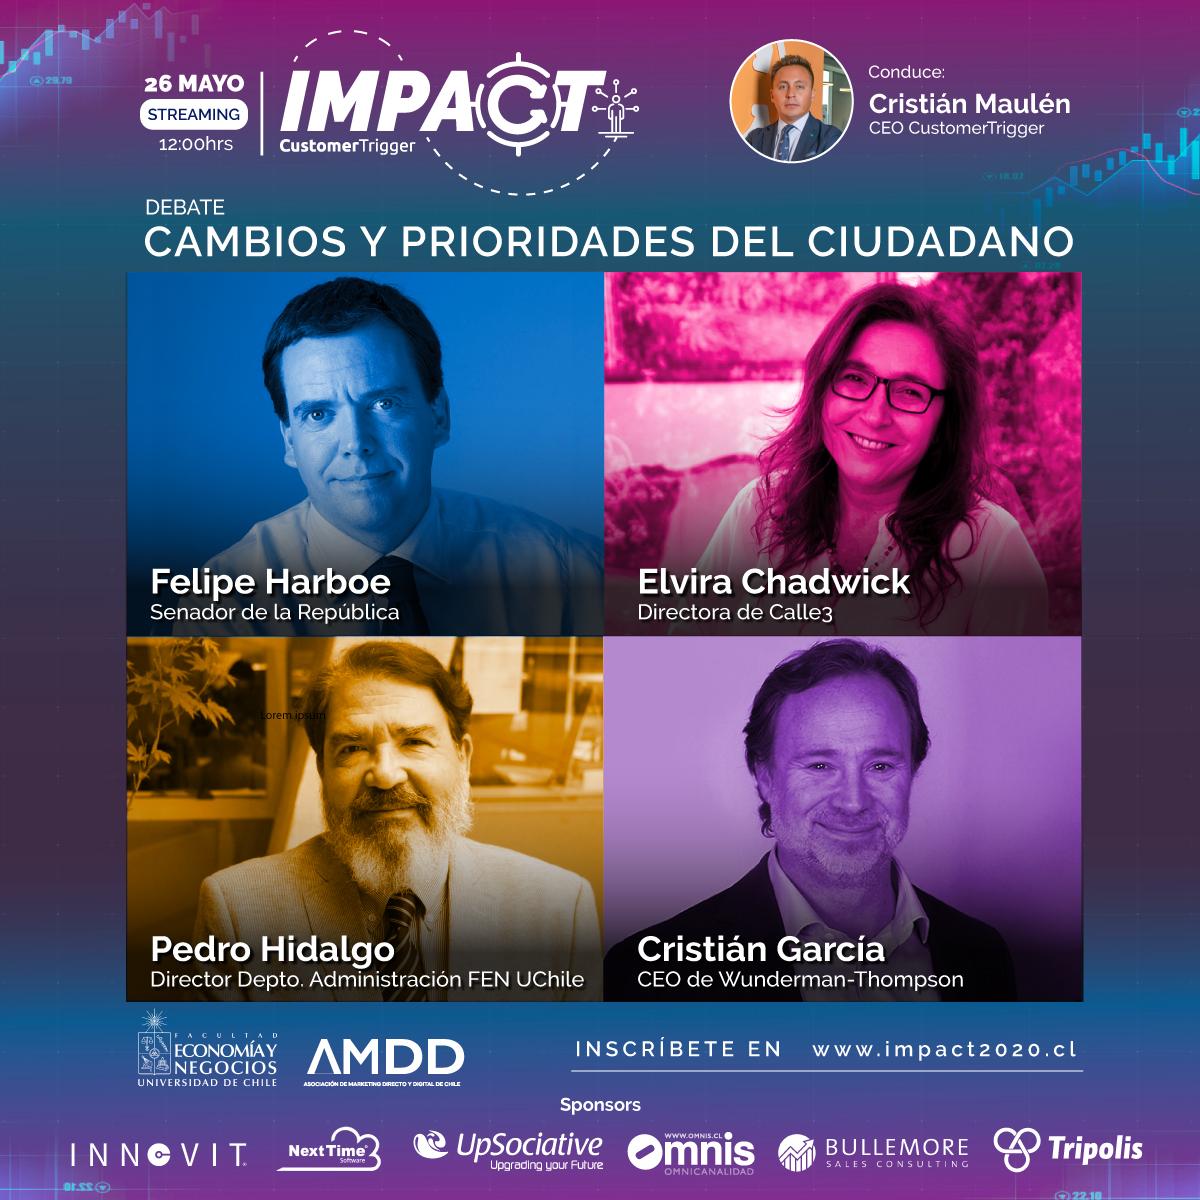 Impact 2020